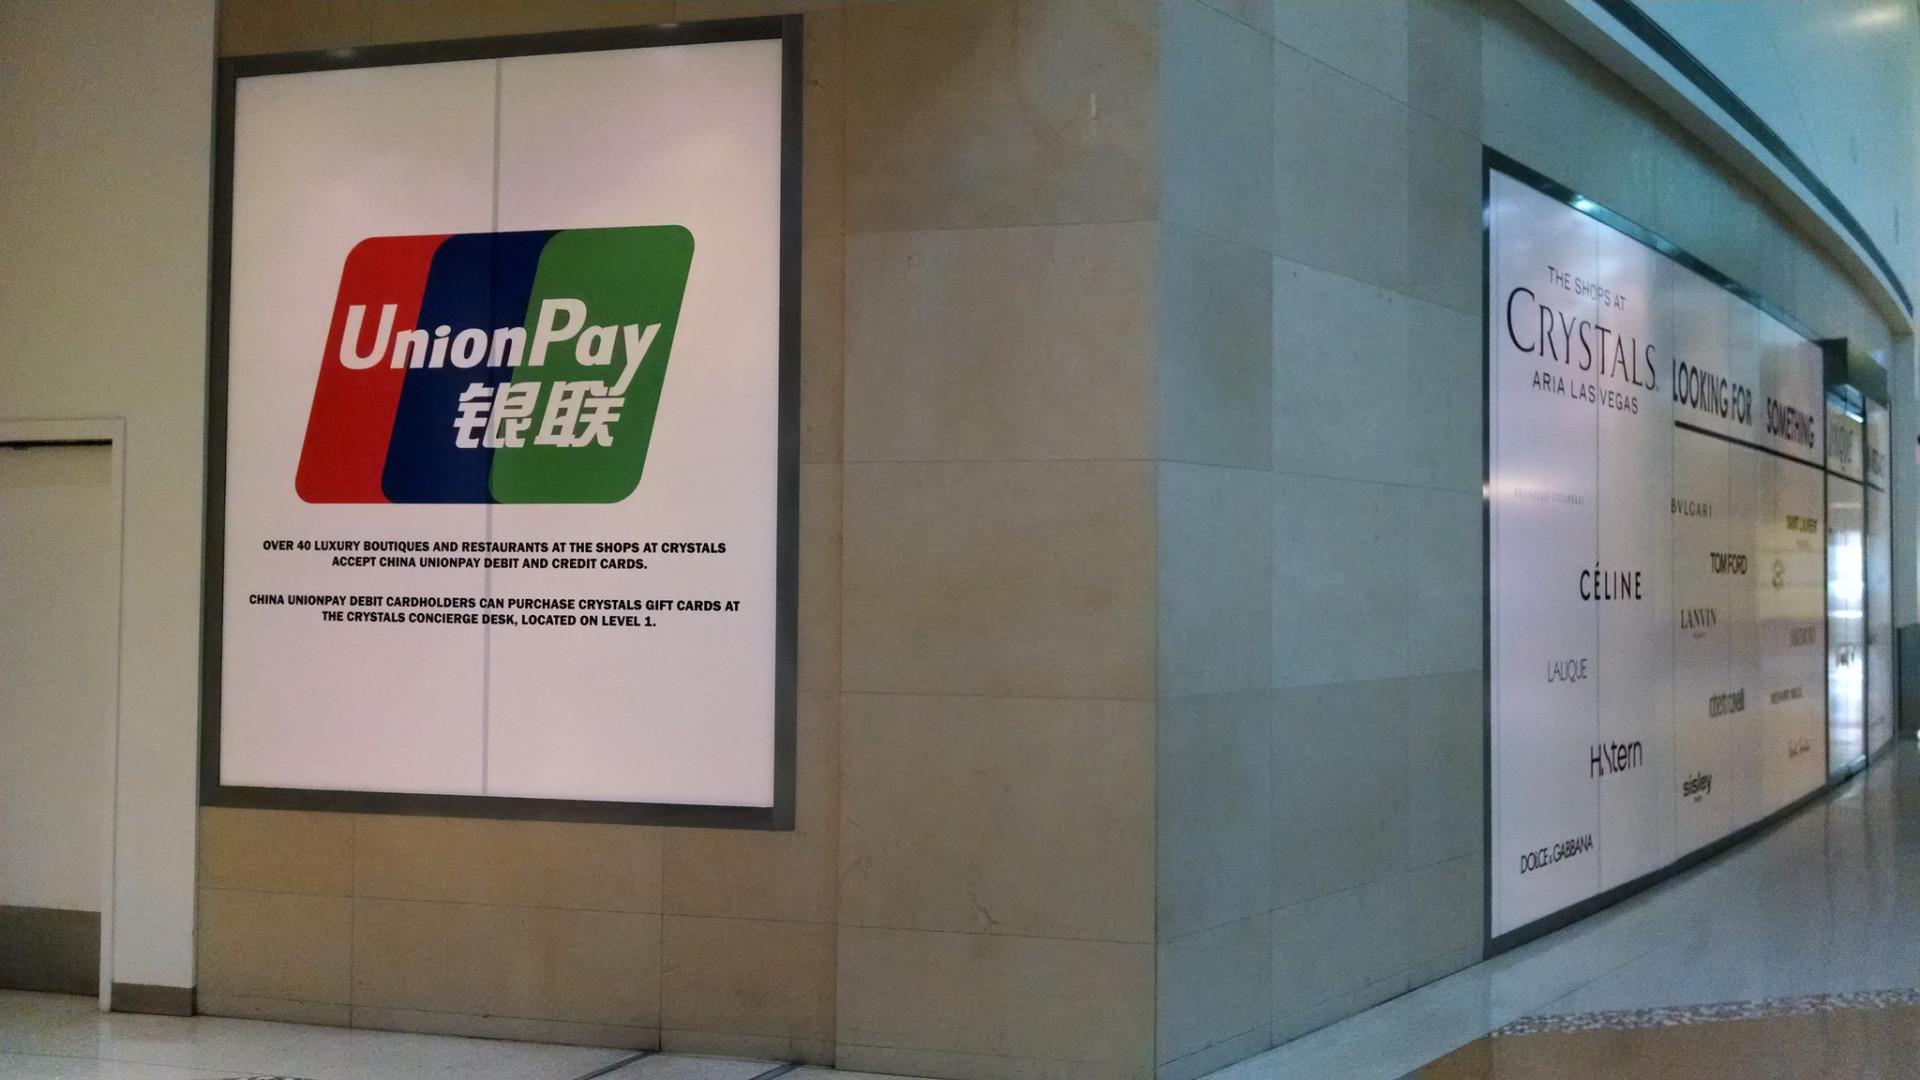 UnionPay emitiu 20 milhões de cartões bancários fora do país em 2017